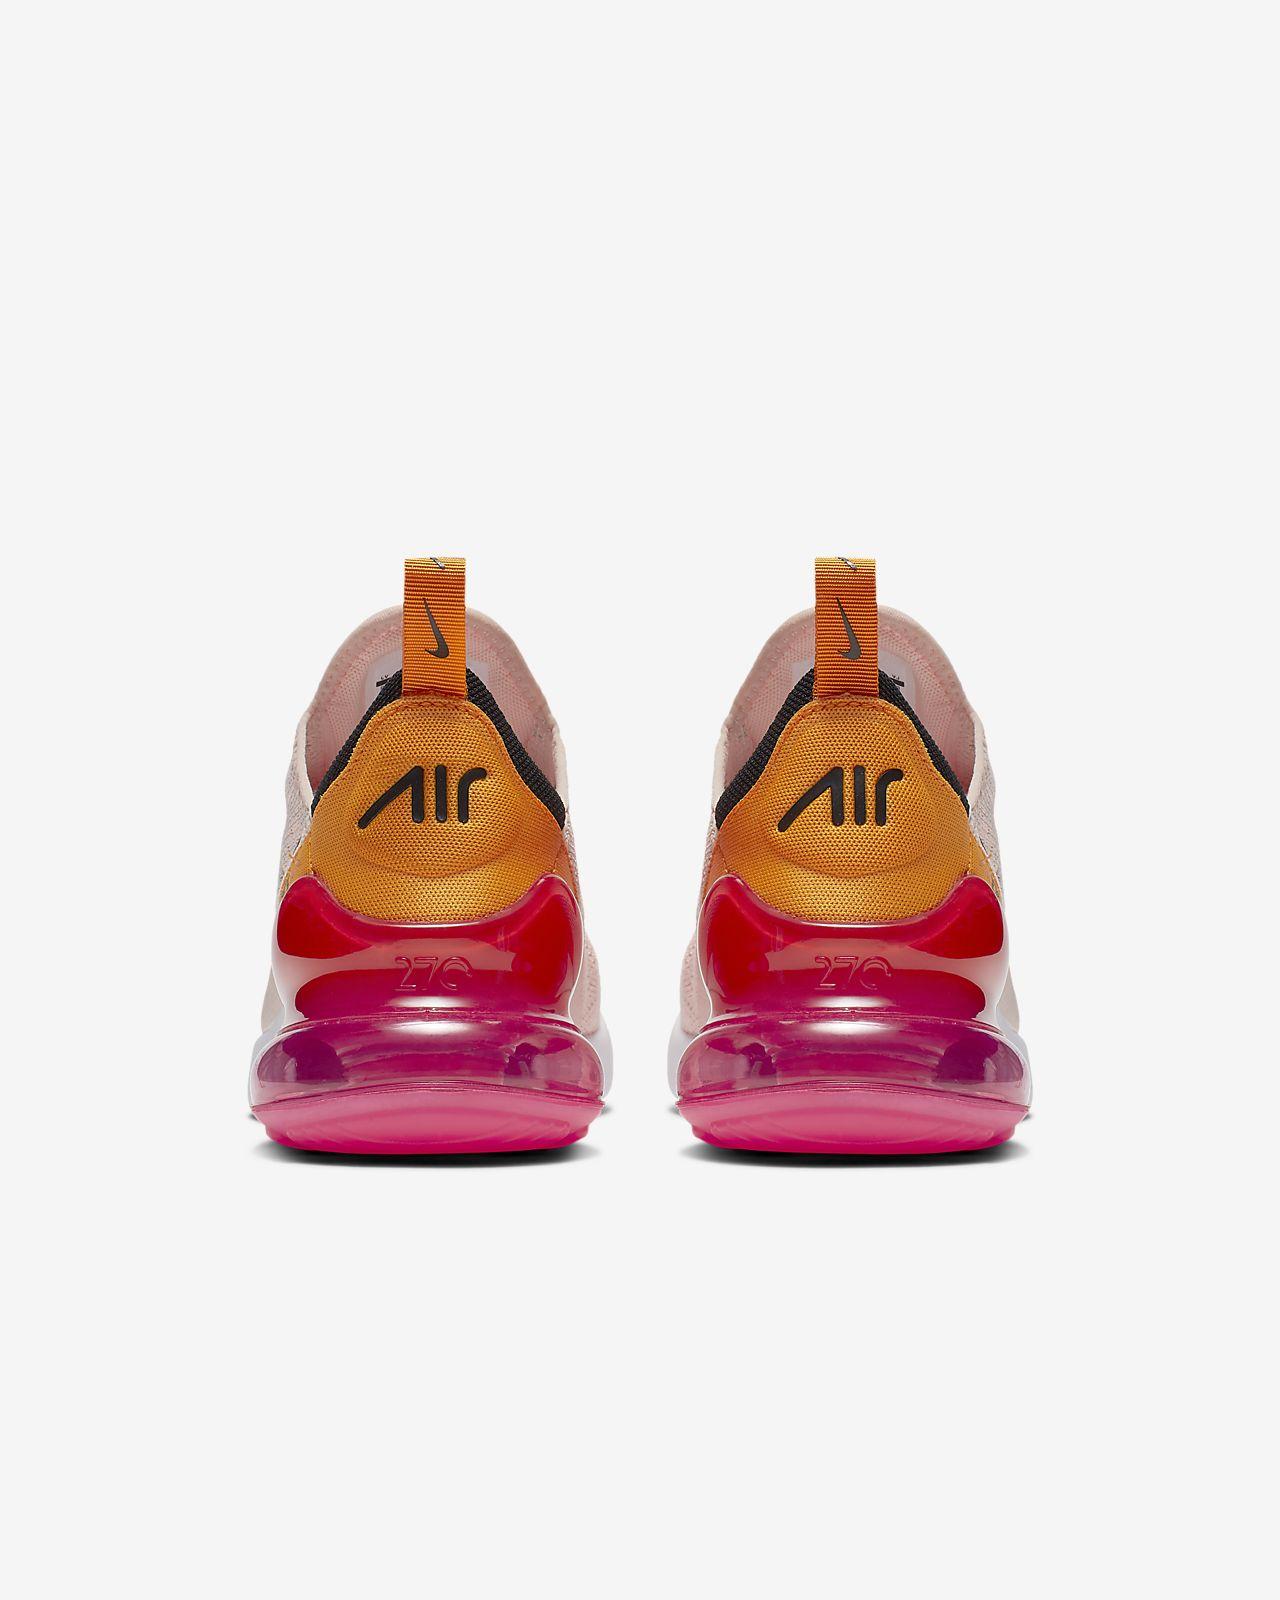 separation shoes 0906d 085fc ... Nike Air Max 270 Women s Shoe